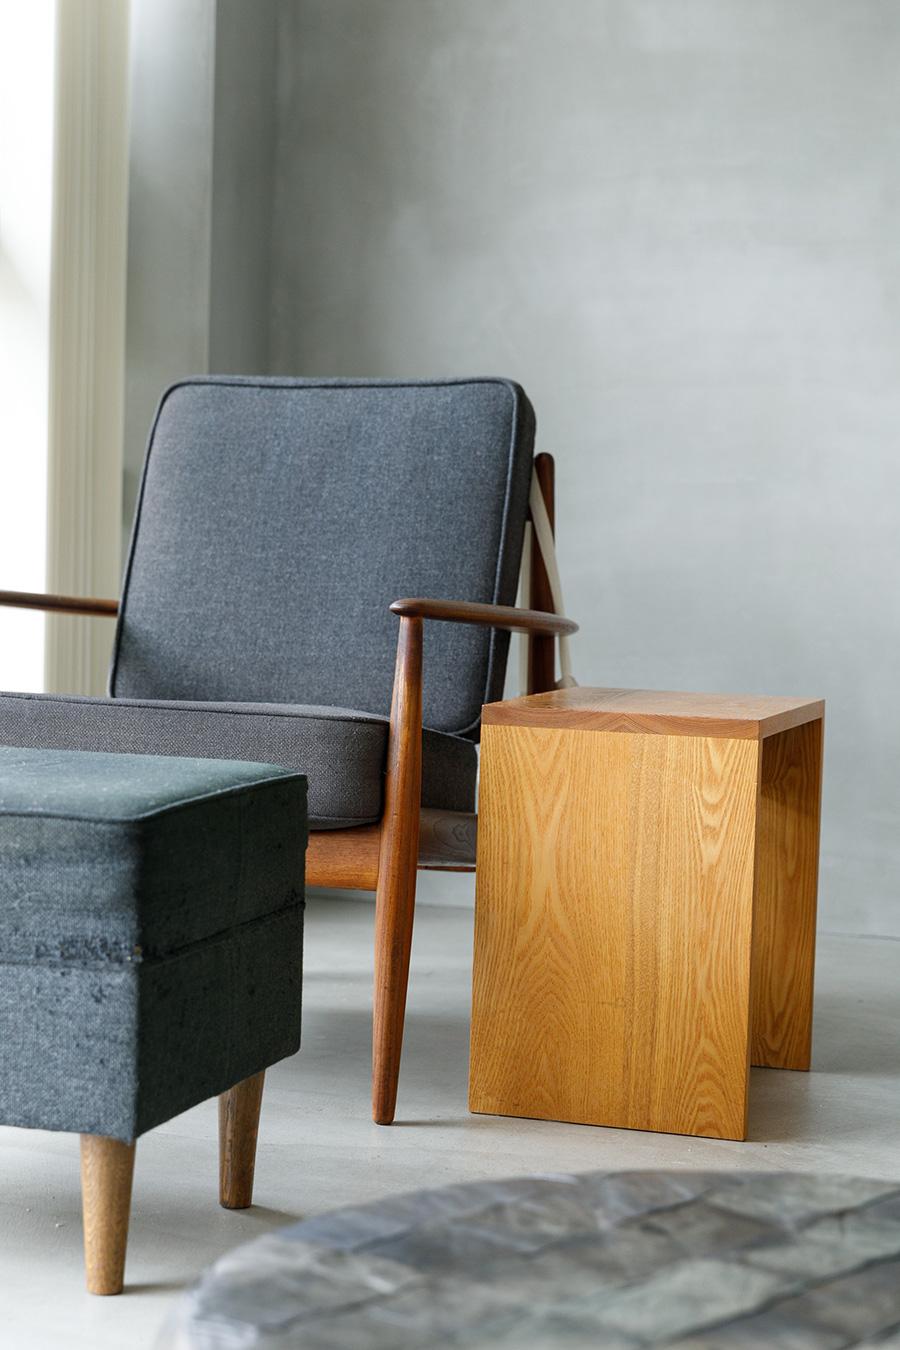 デンマークのデザイナー、グレーテ・ヤルクのアームチェアは『HIKE』で購入。オットマンは『スタンダードトレード』のオリジナル。サイドチェアとテーブルは名古屋の『NAUT』のもの。